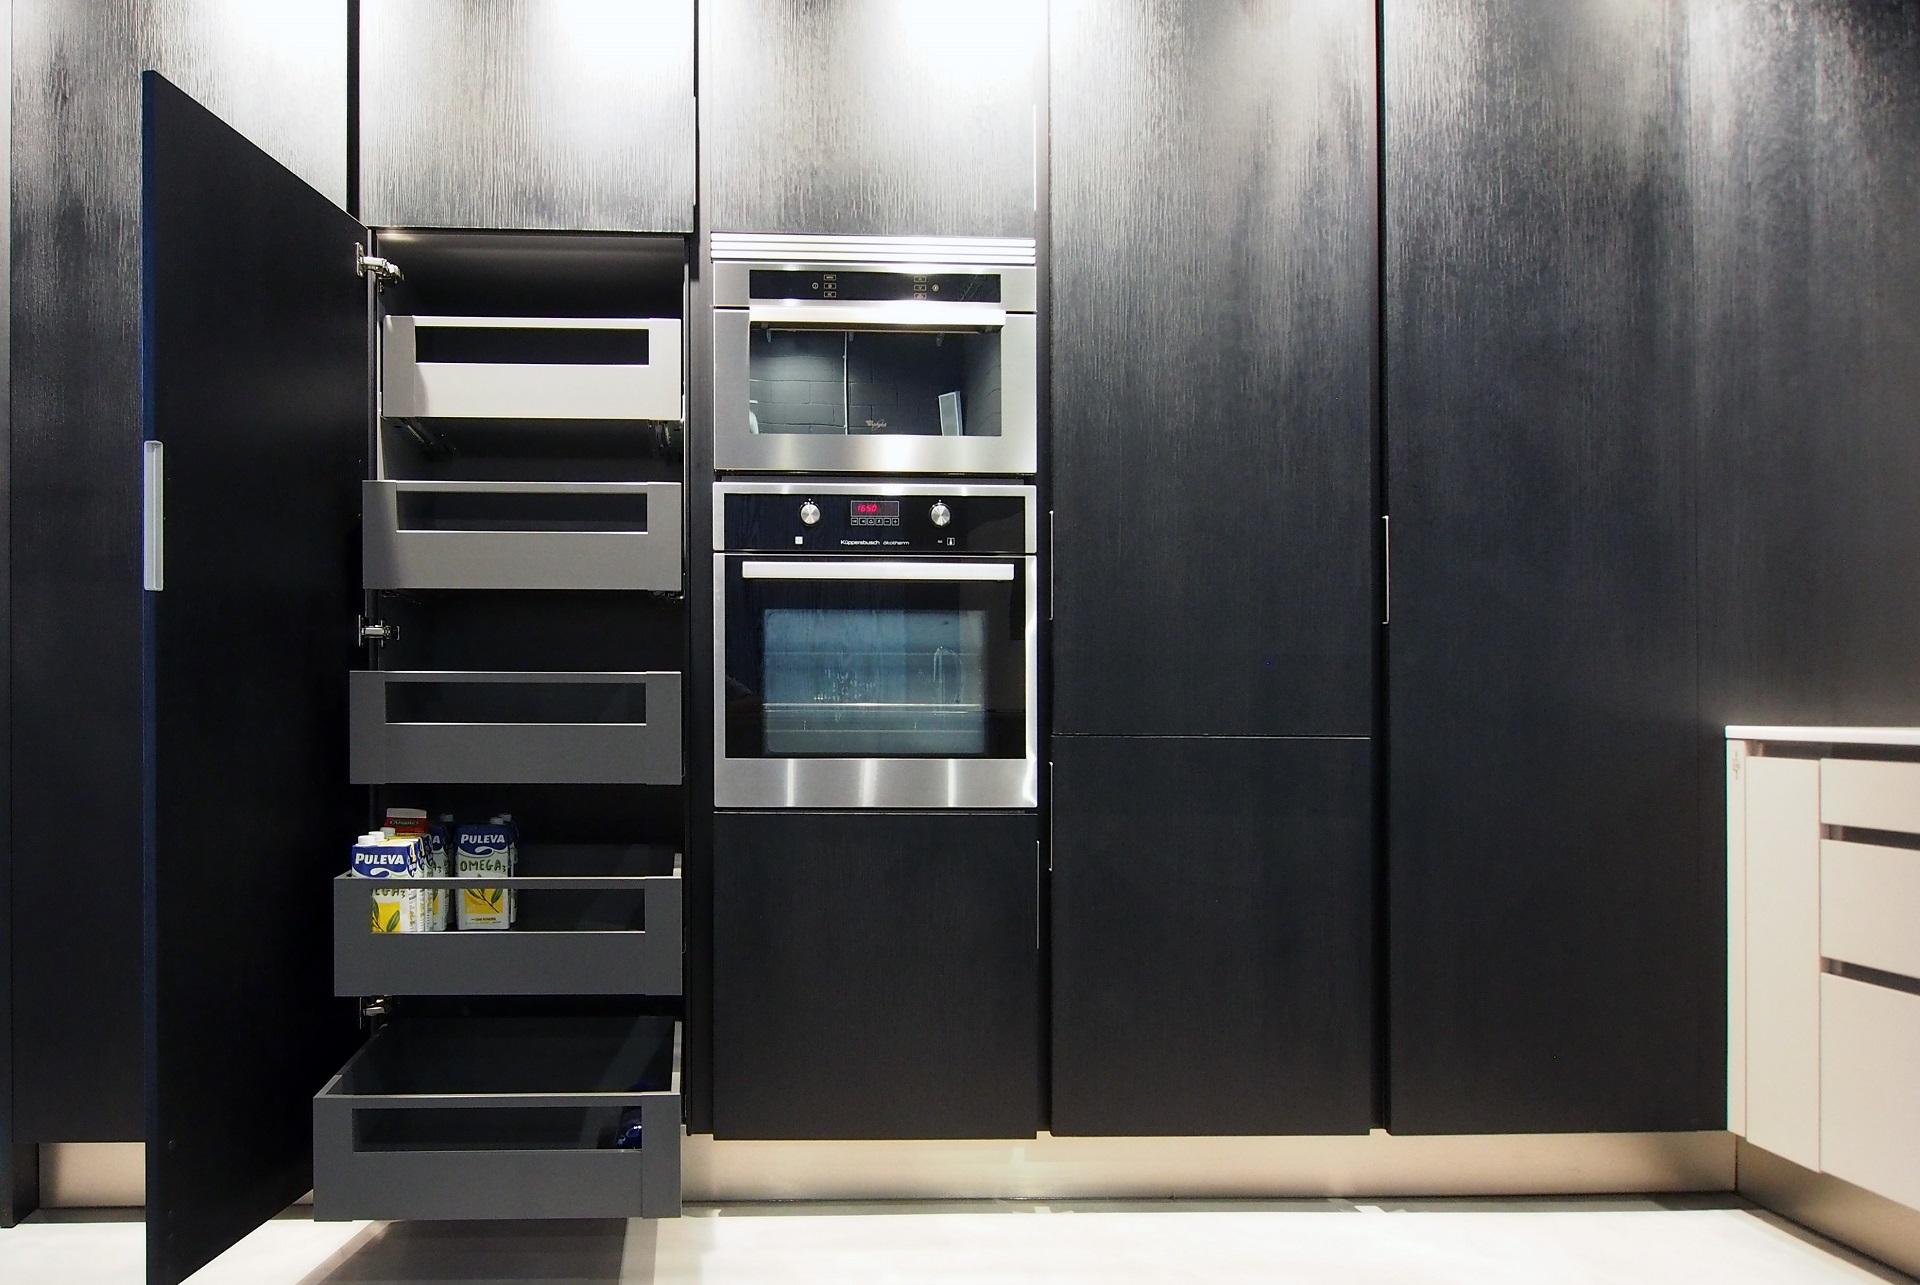 como optimizar cocinas despensa 3